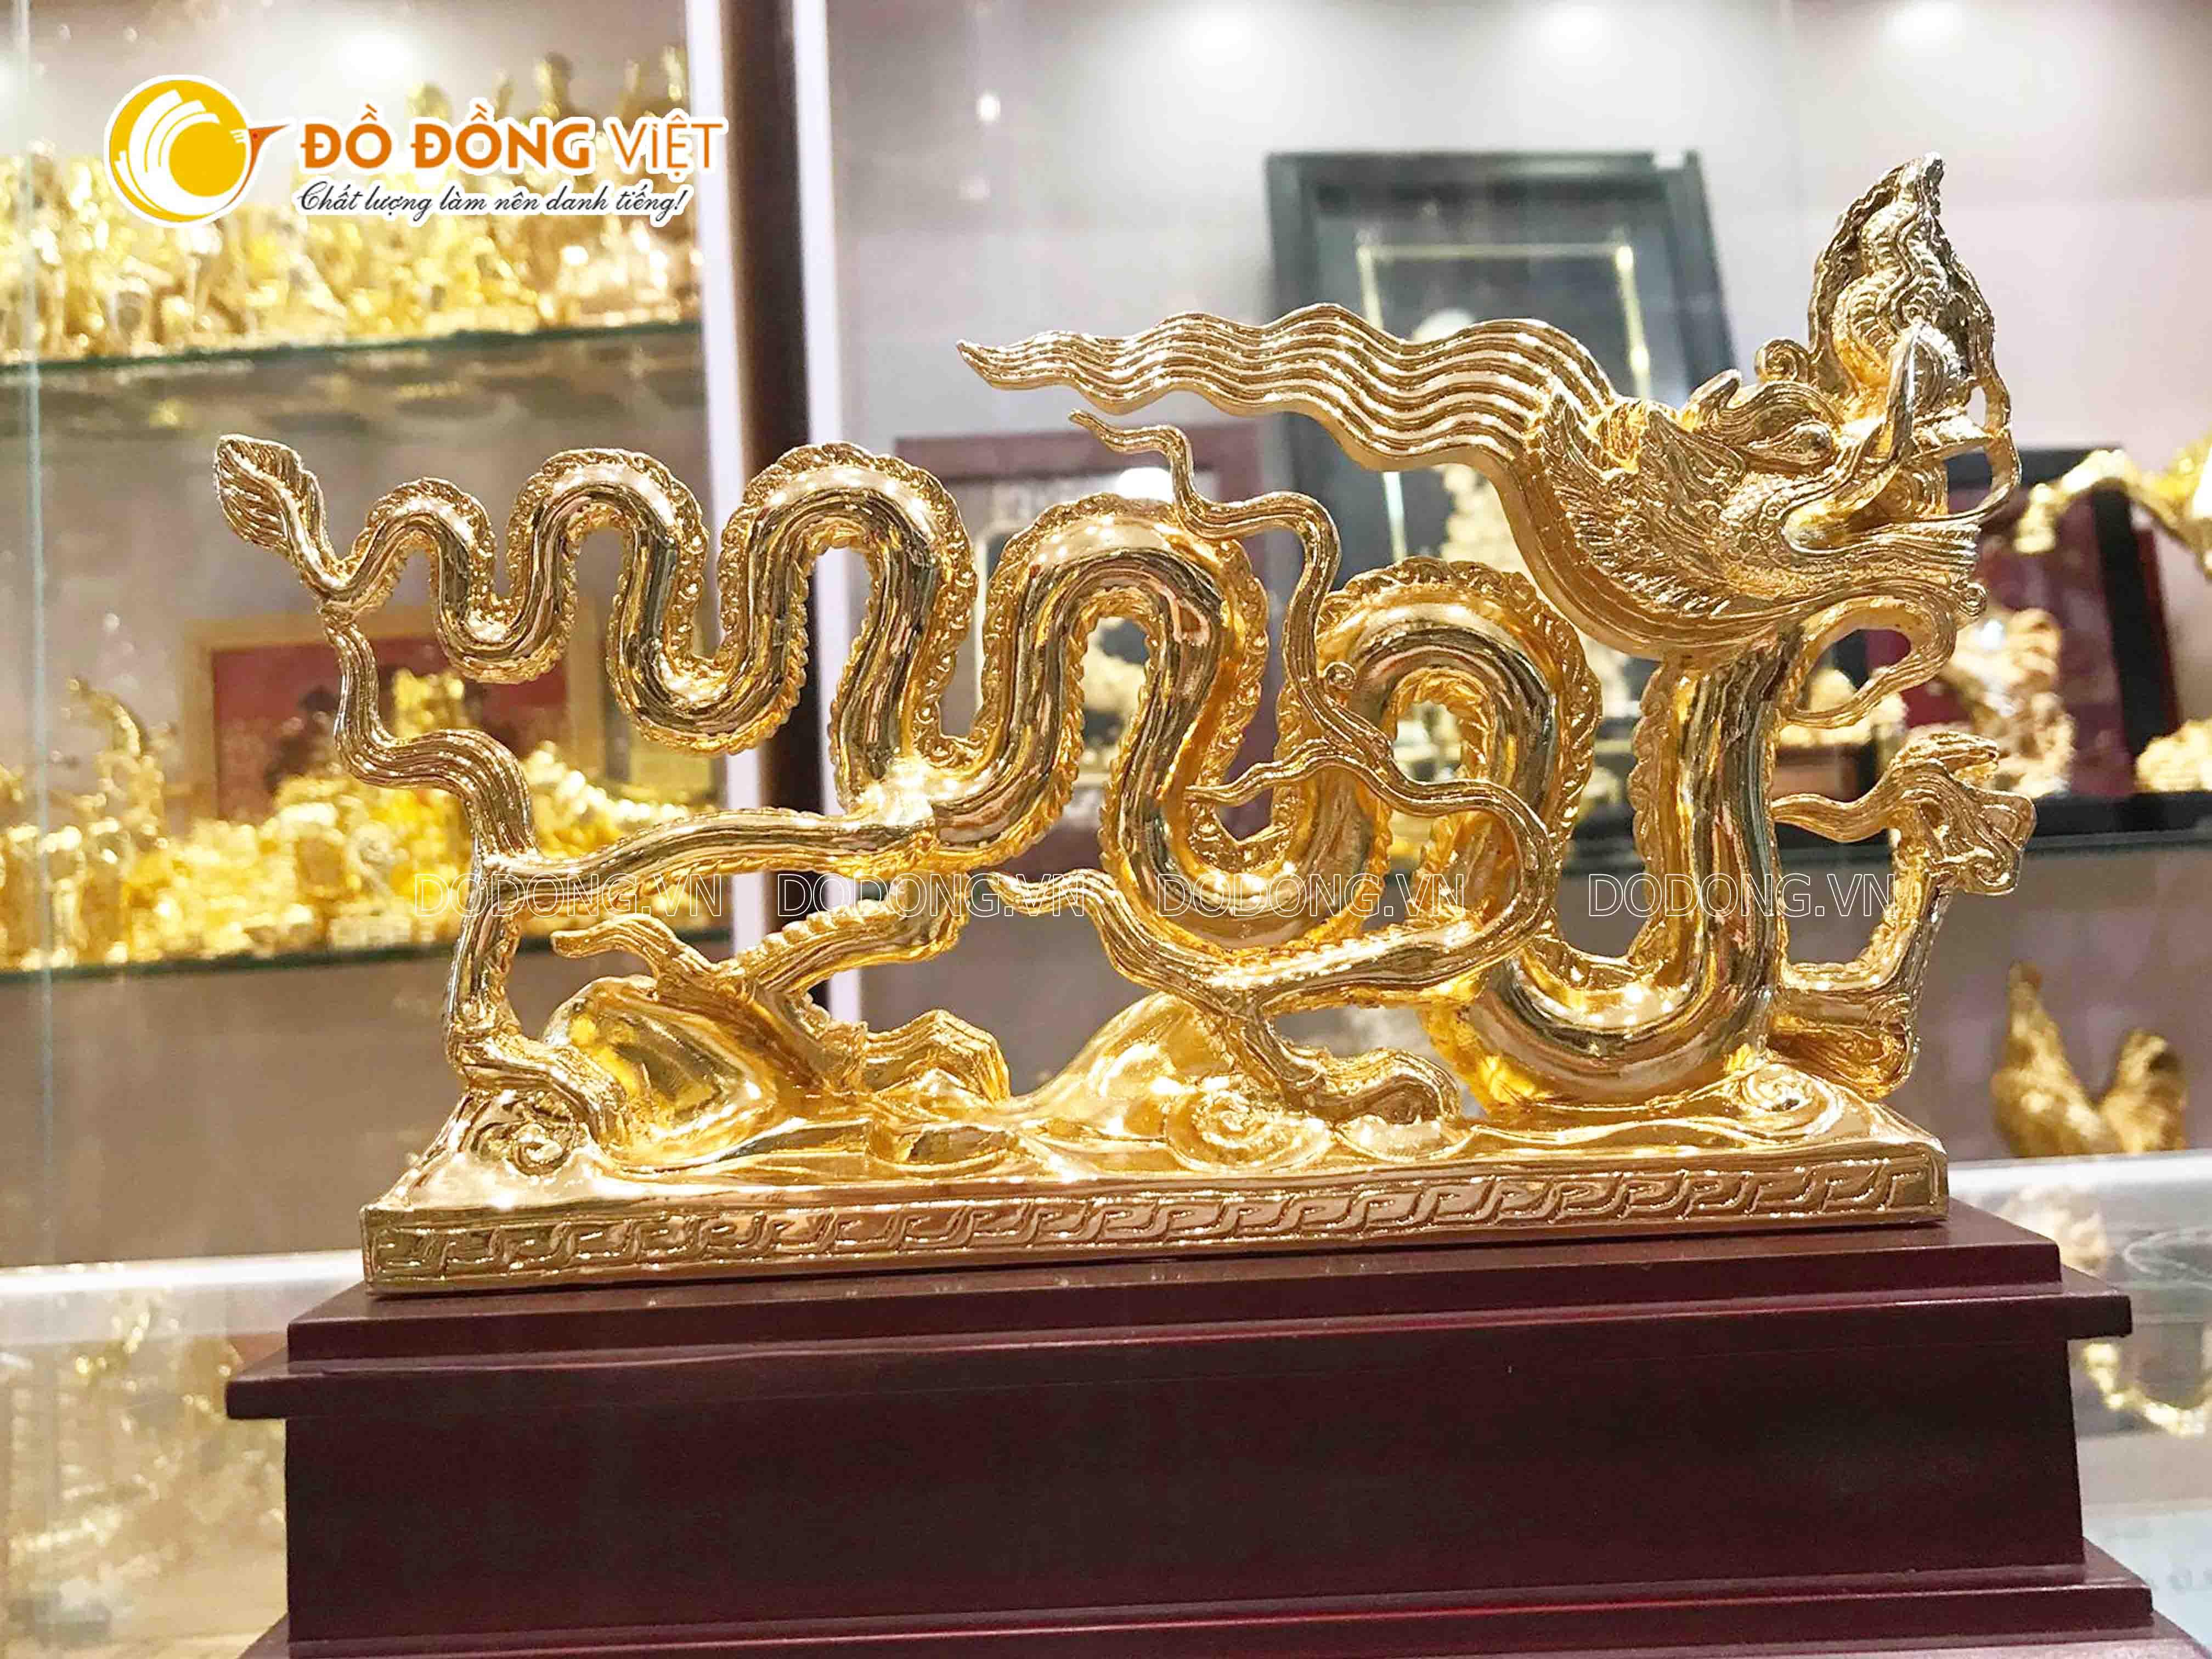 Địa chỉ bán tượng rồng mạ vàng đẹp tinh xảo tại TP Hồ Chí Minh